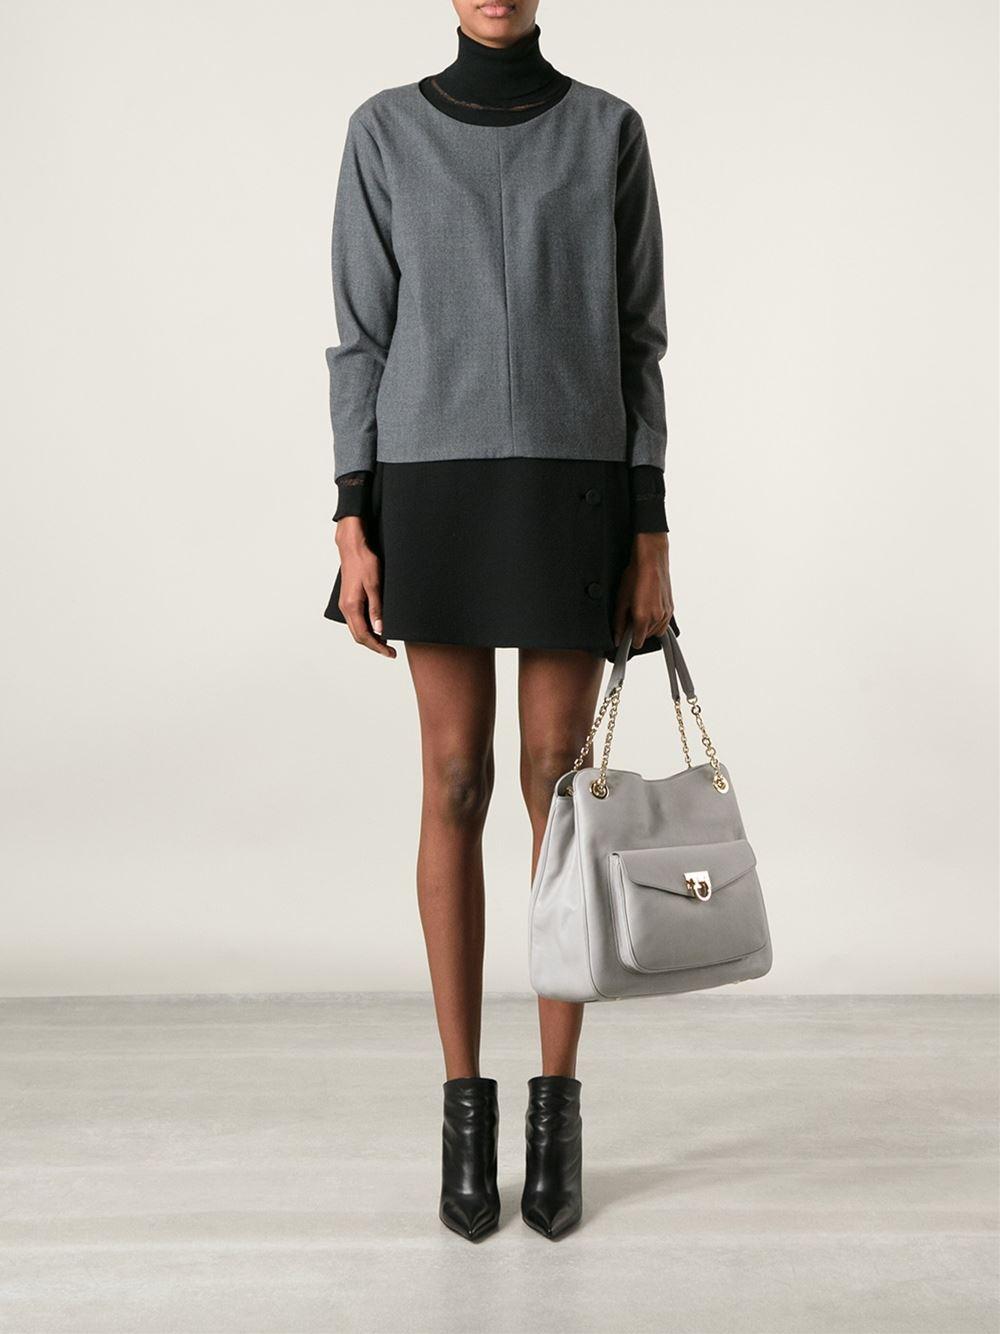 Ferragamo Sheba Tote in Grey (Grey)